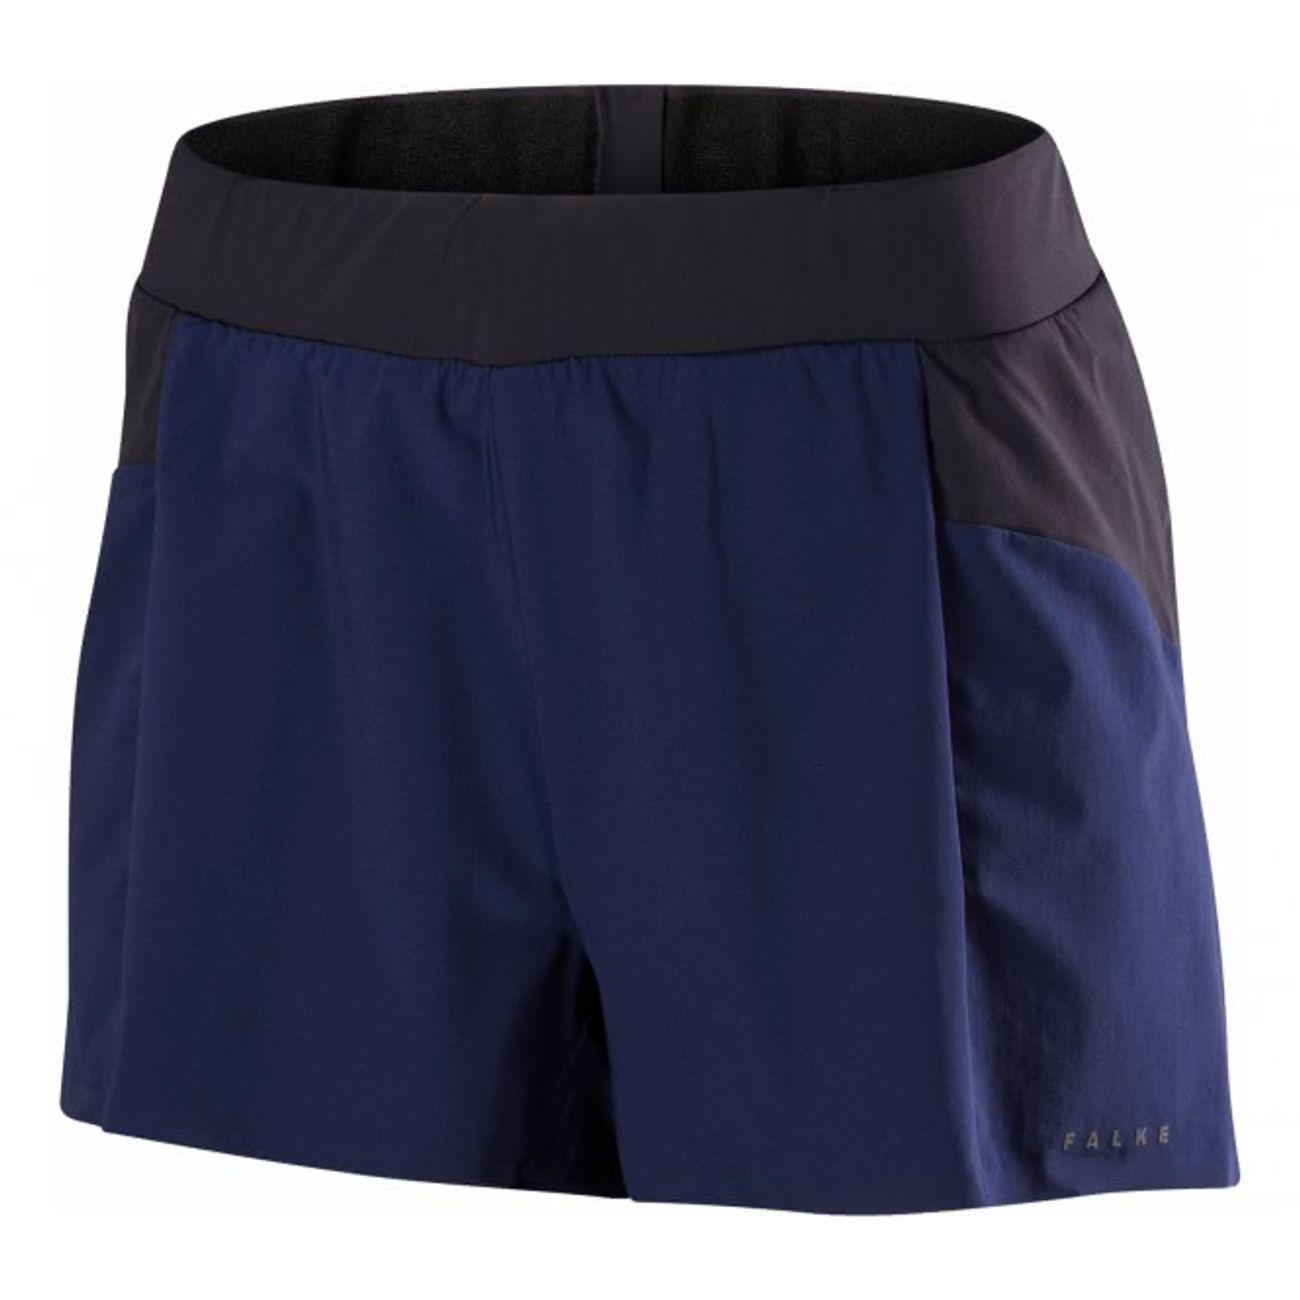 falke---woven-femmes-course-courte-bleu-fonce 1 v1.jpeg 60a9885b6eb